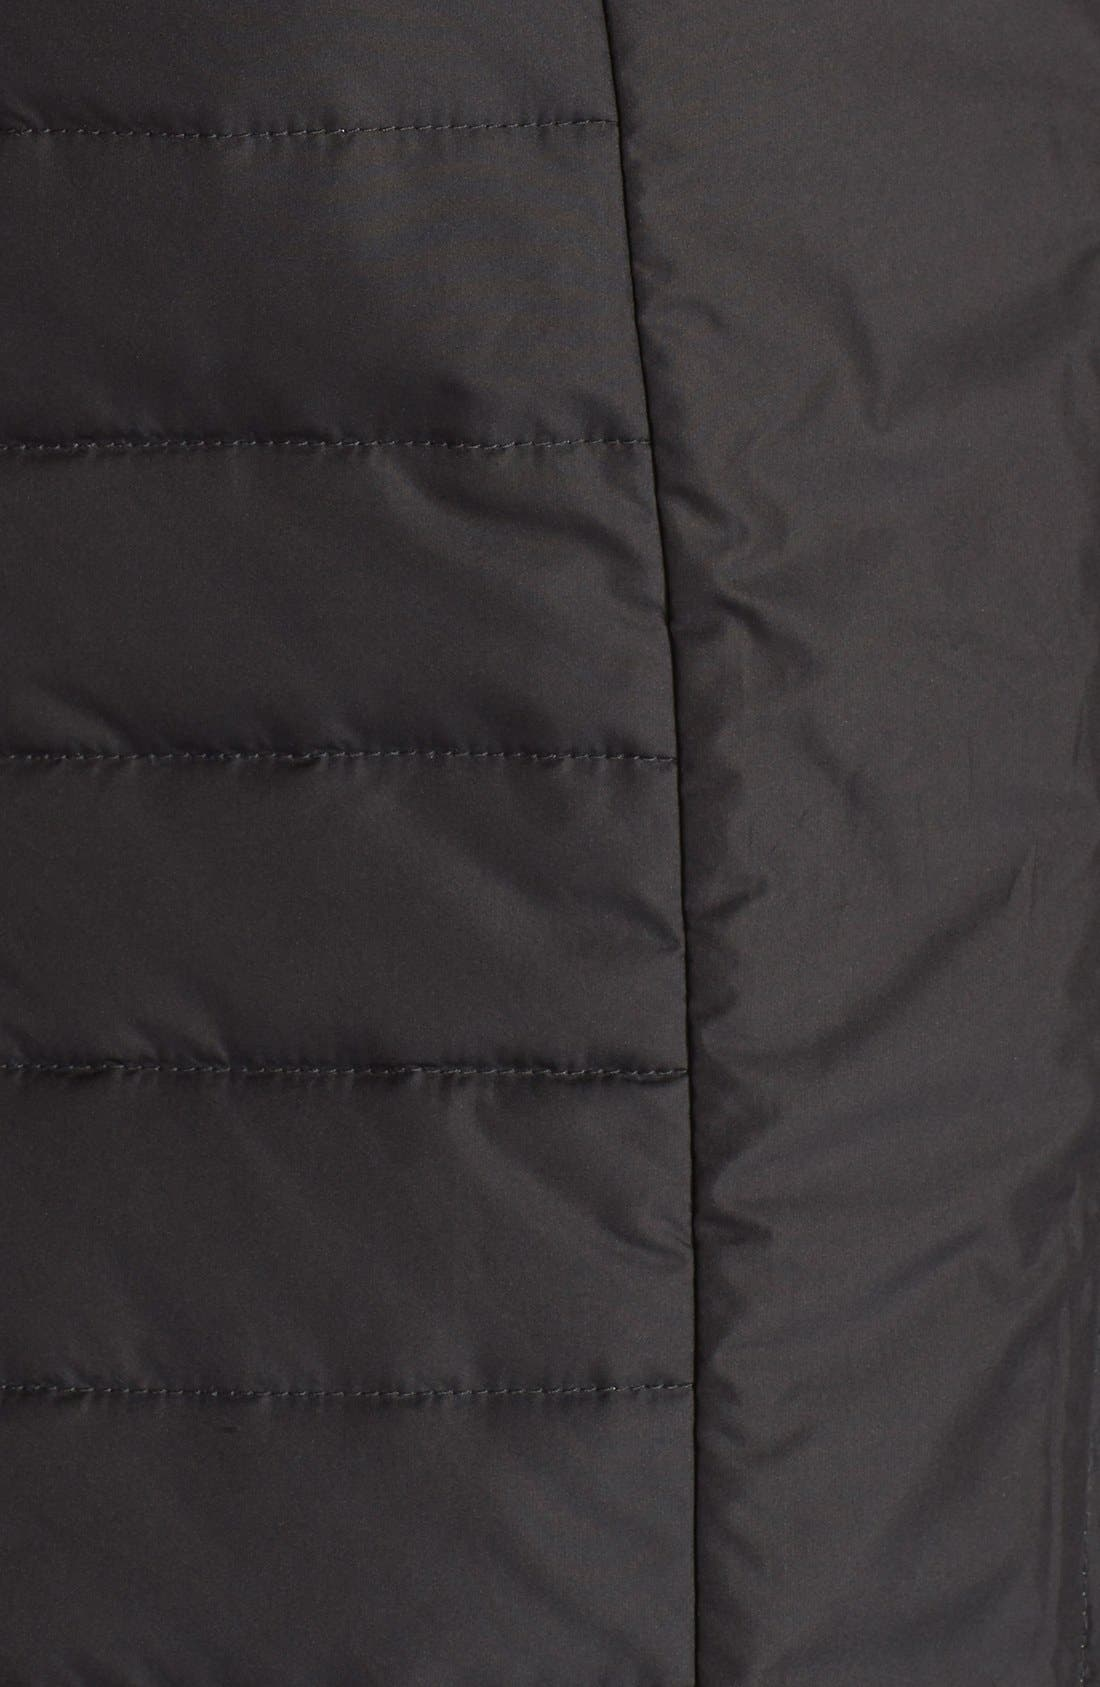 HellyHansen 'Astra' Jacket,                             Alternate thumbnail 8, color,                             001